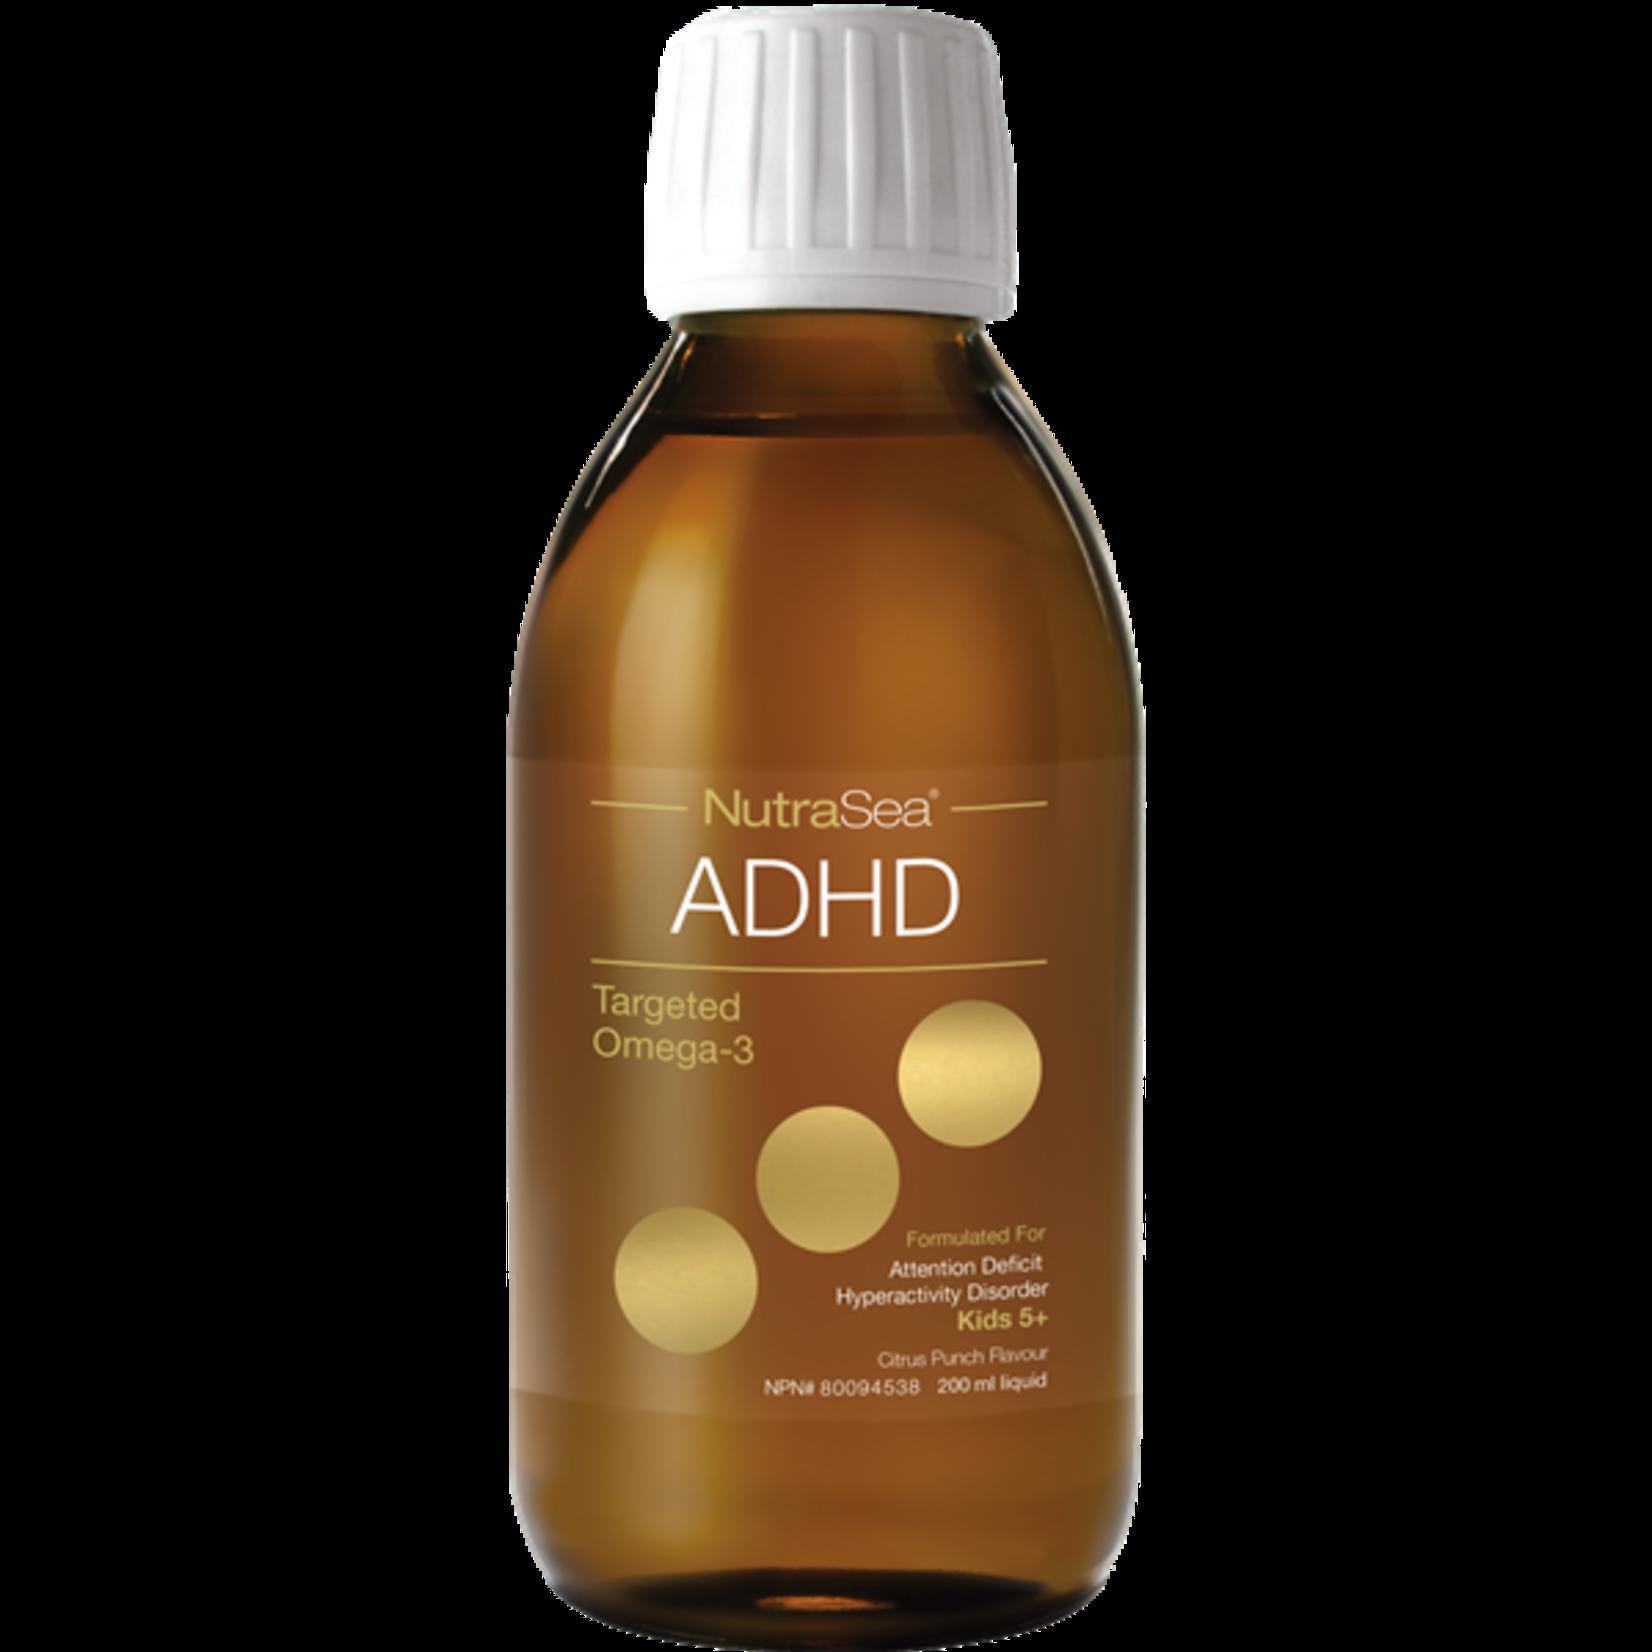 NutraSea NutraSea ADHD Omega 3 Citrus 200ml